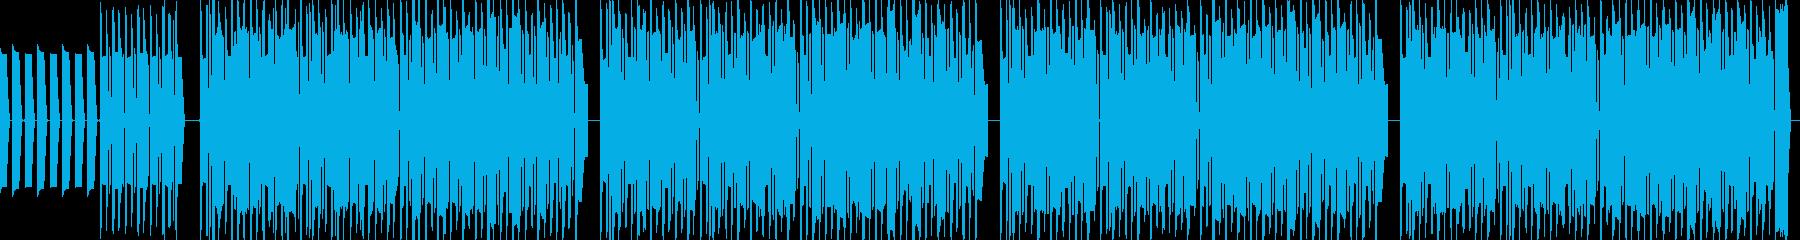 なんとなく流れてきそうなポップチューンの再生済みの波形